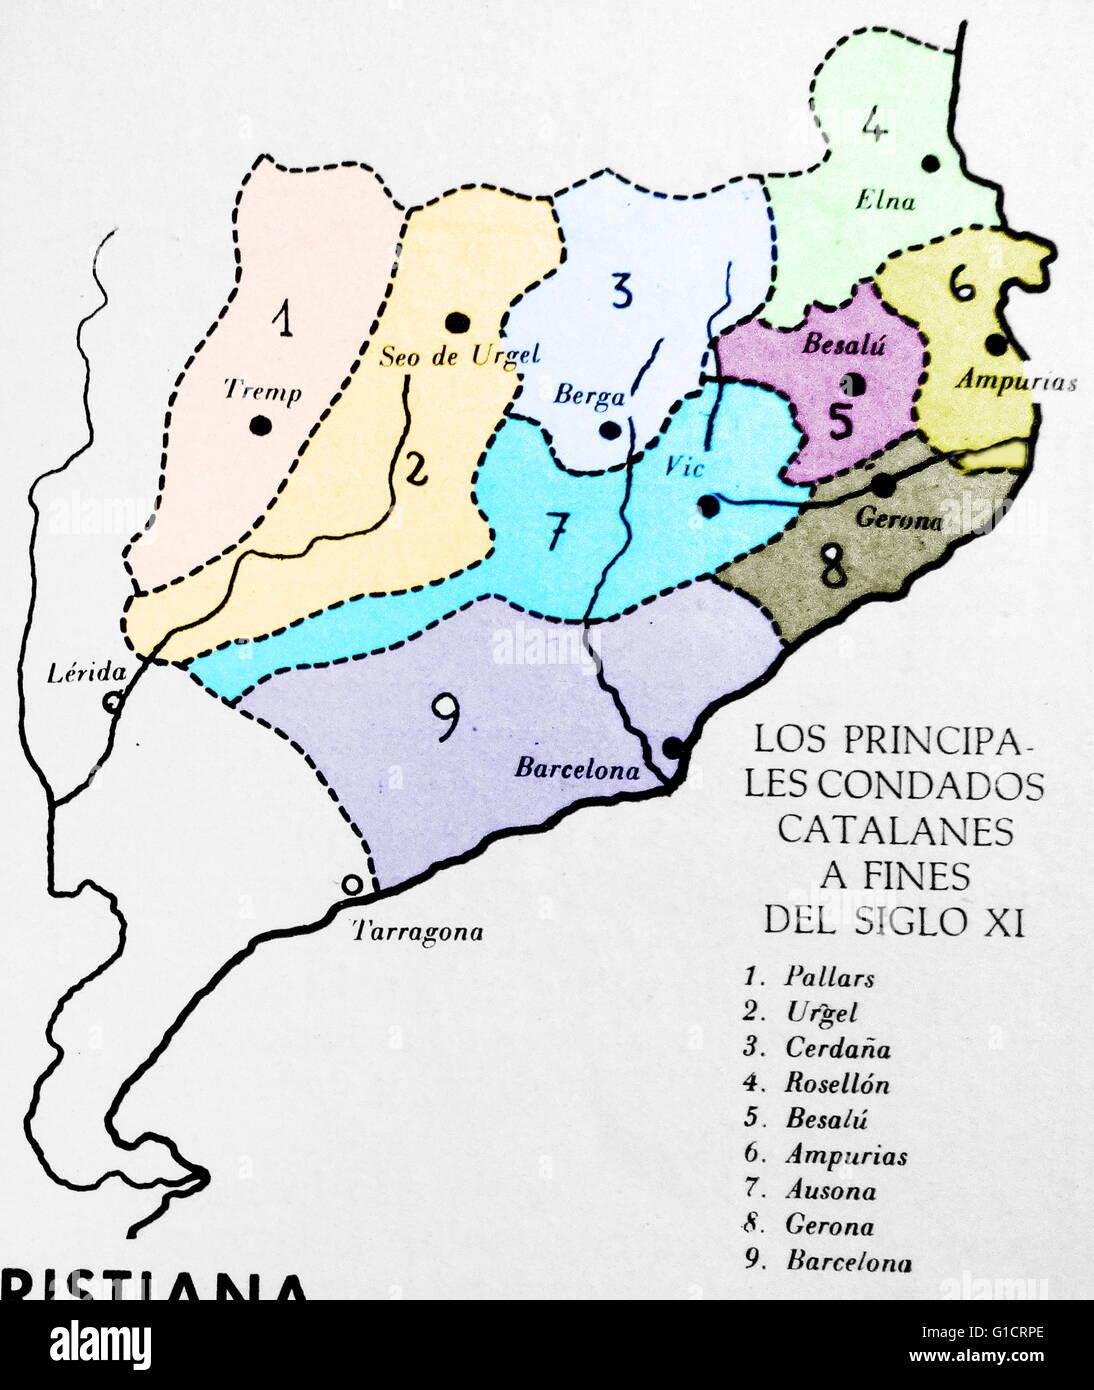 Los principados y ducados de Cataluña a finales del siglo XI Imagen De Stock